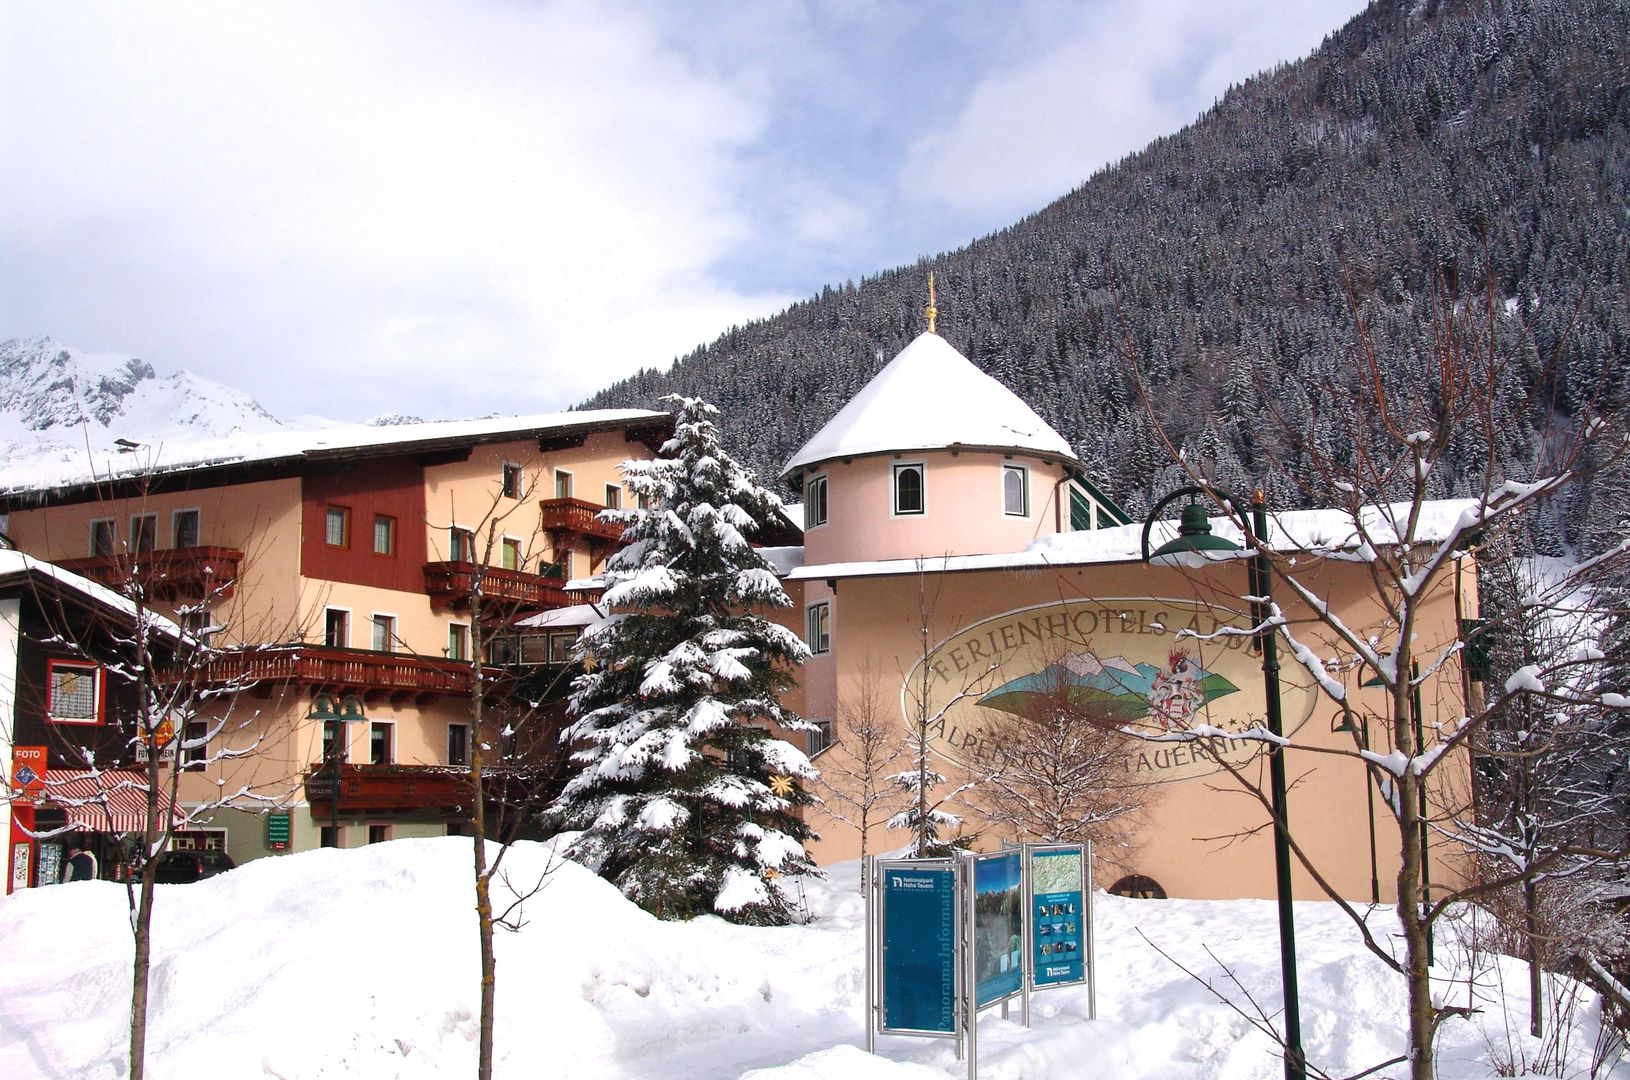 Ferienhotels Alber - Slide 1